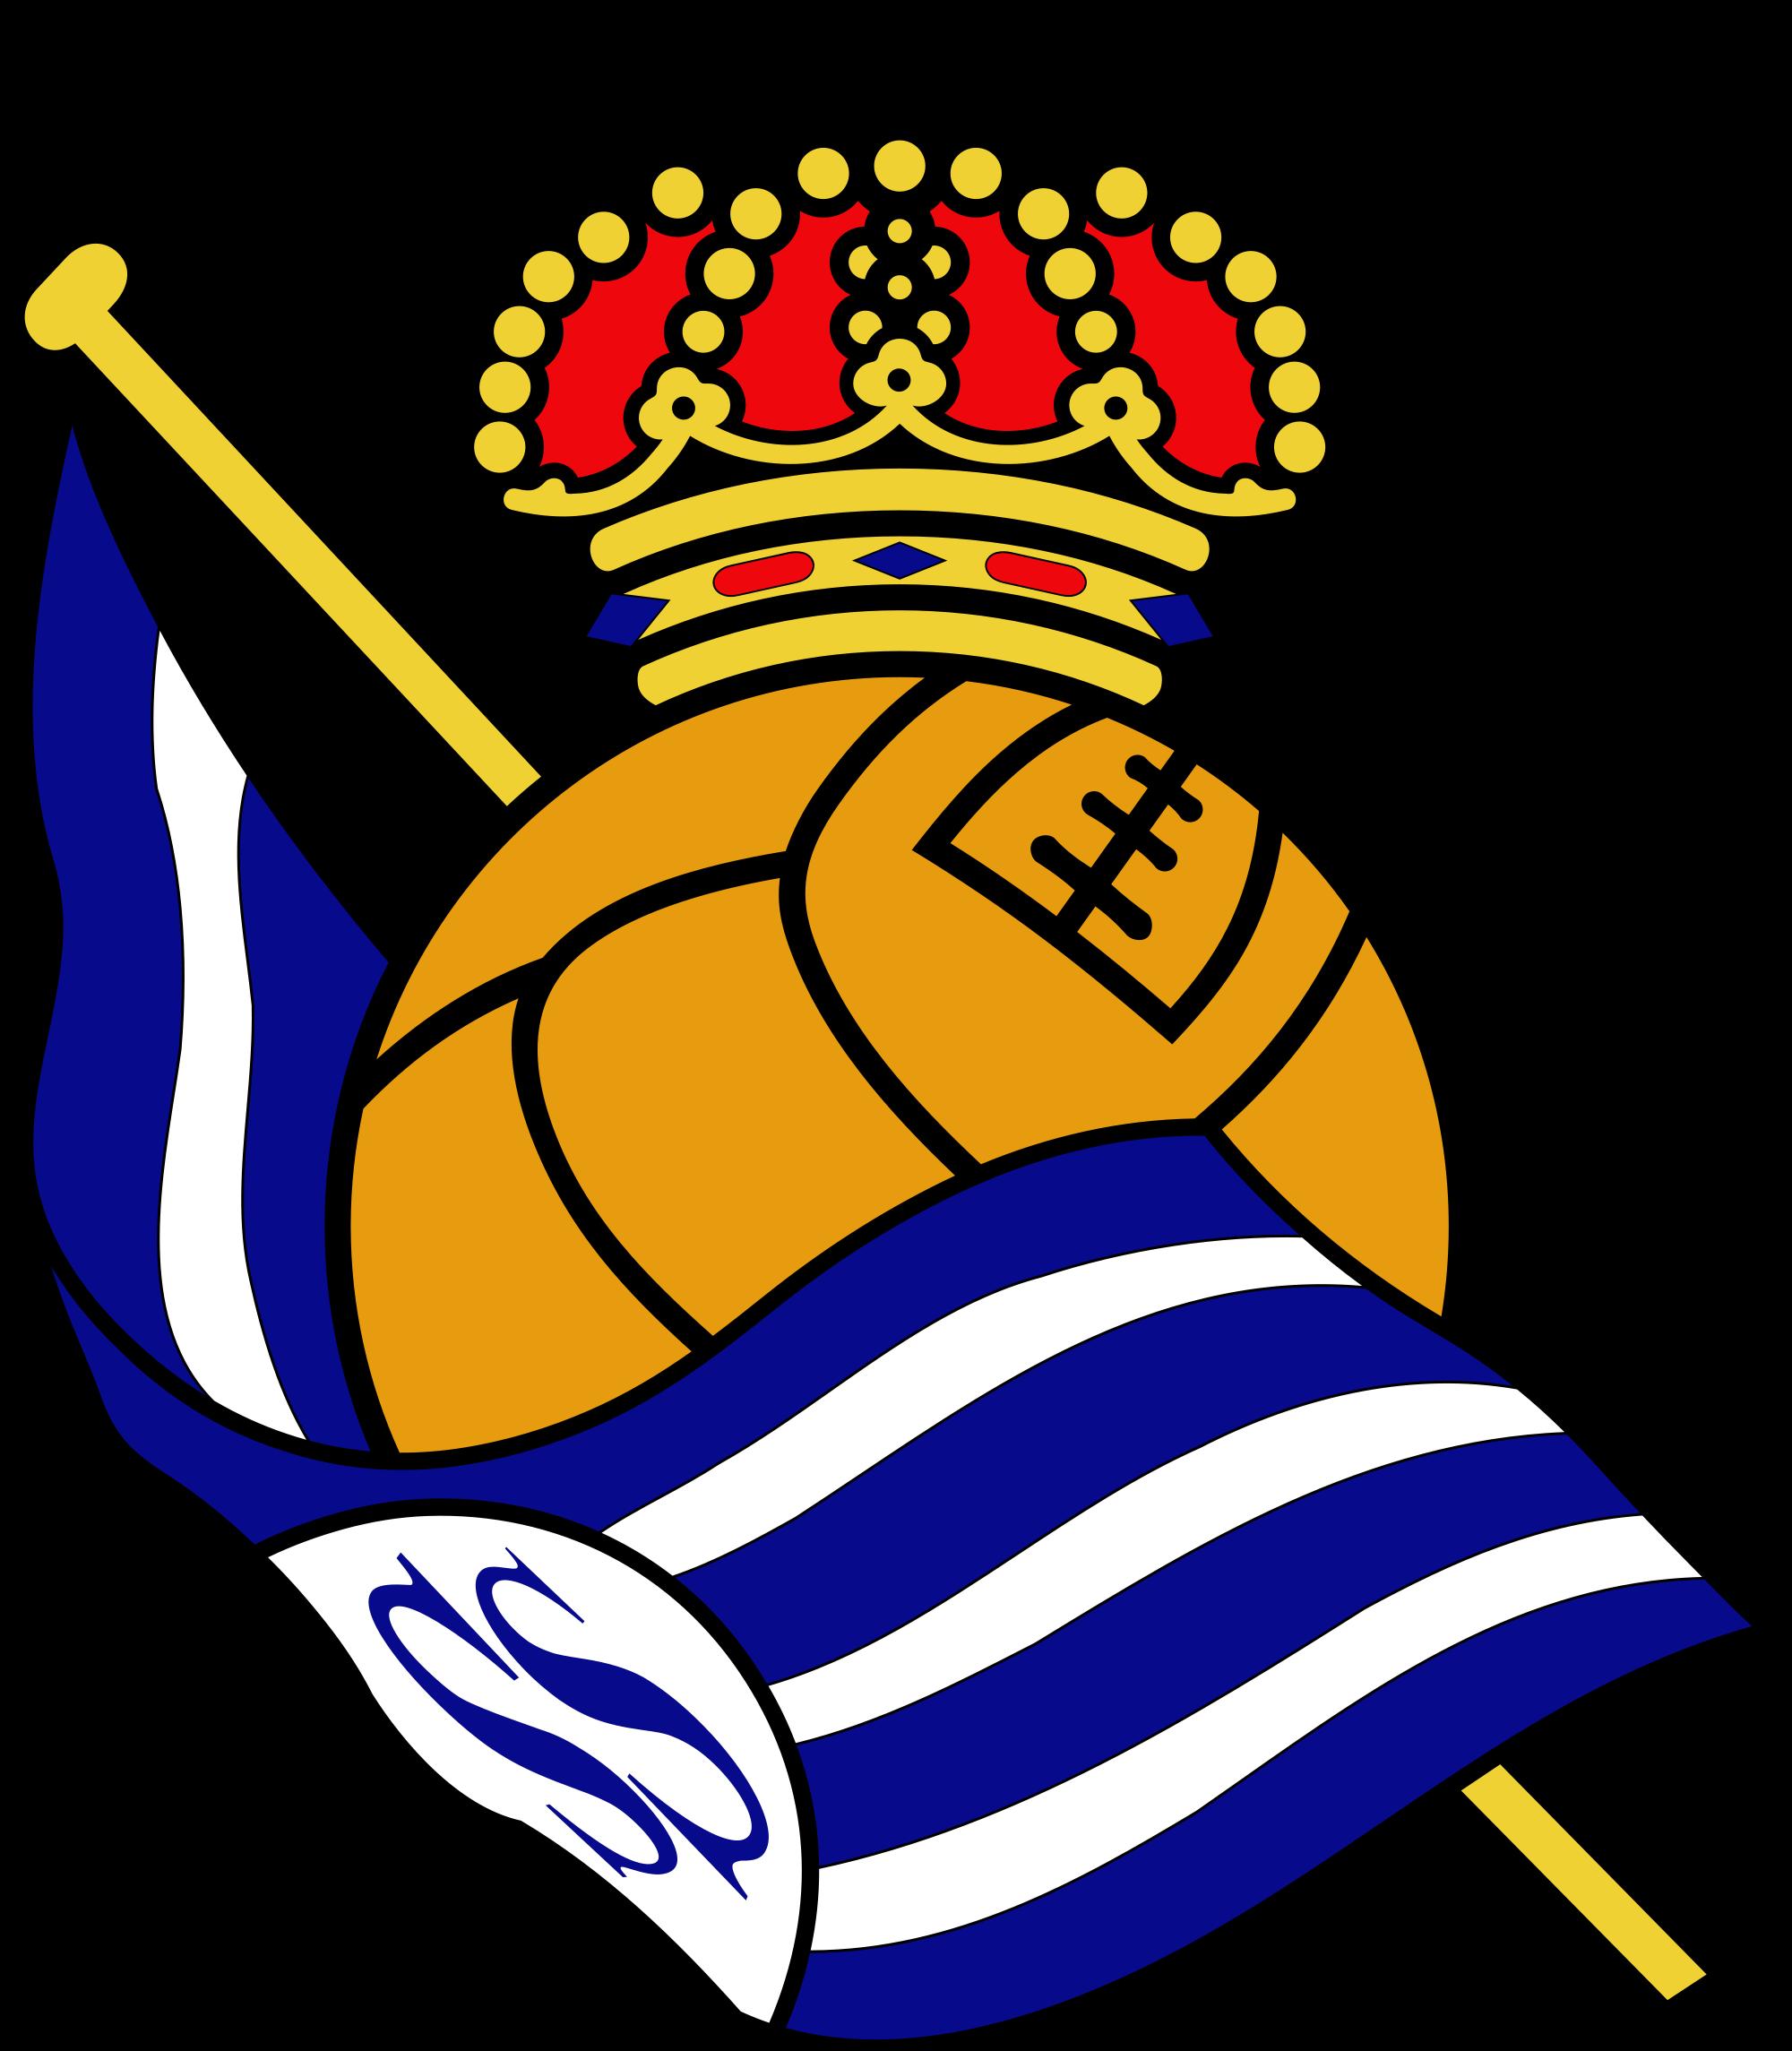 Real Sociedad de Futbol Logo Wallpaper